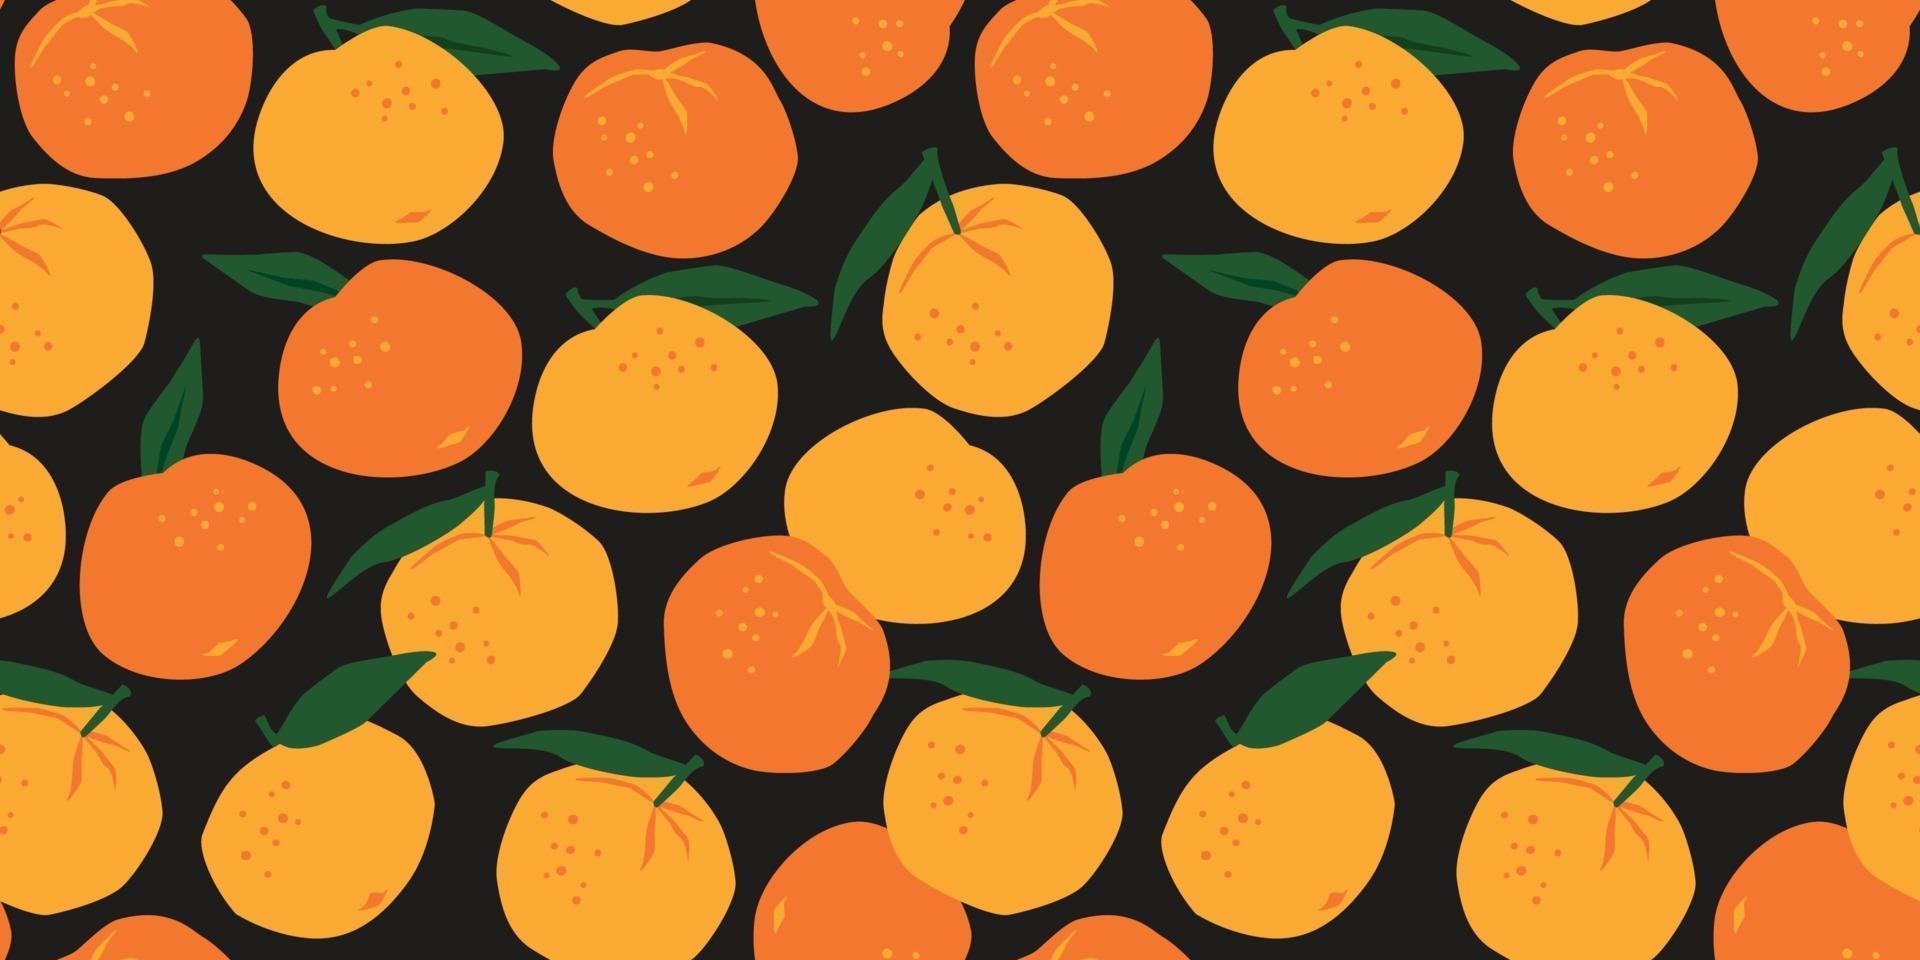 vektor sömlösa mönster med mandariner. trendiga handritade texturer. modern abstrakt design